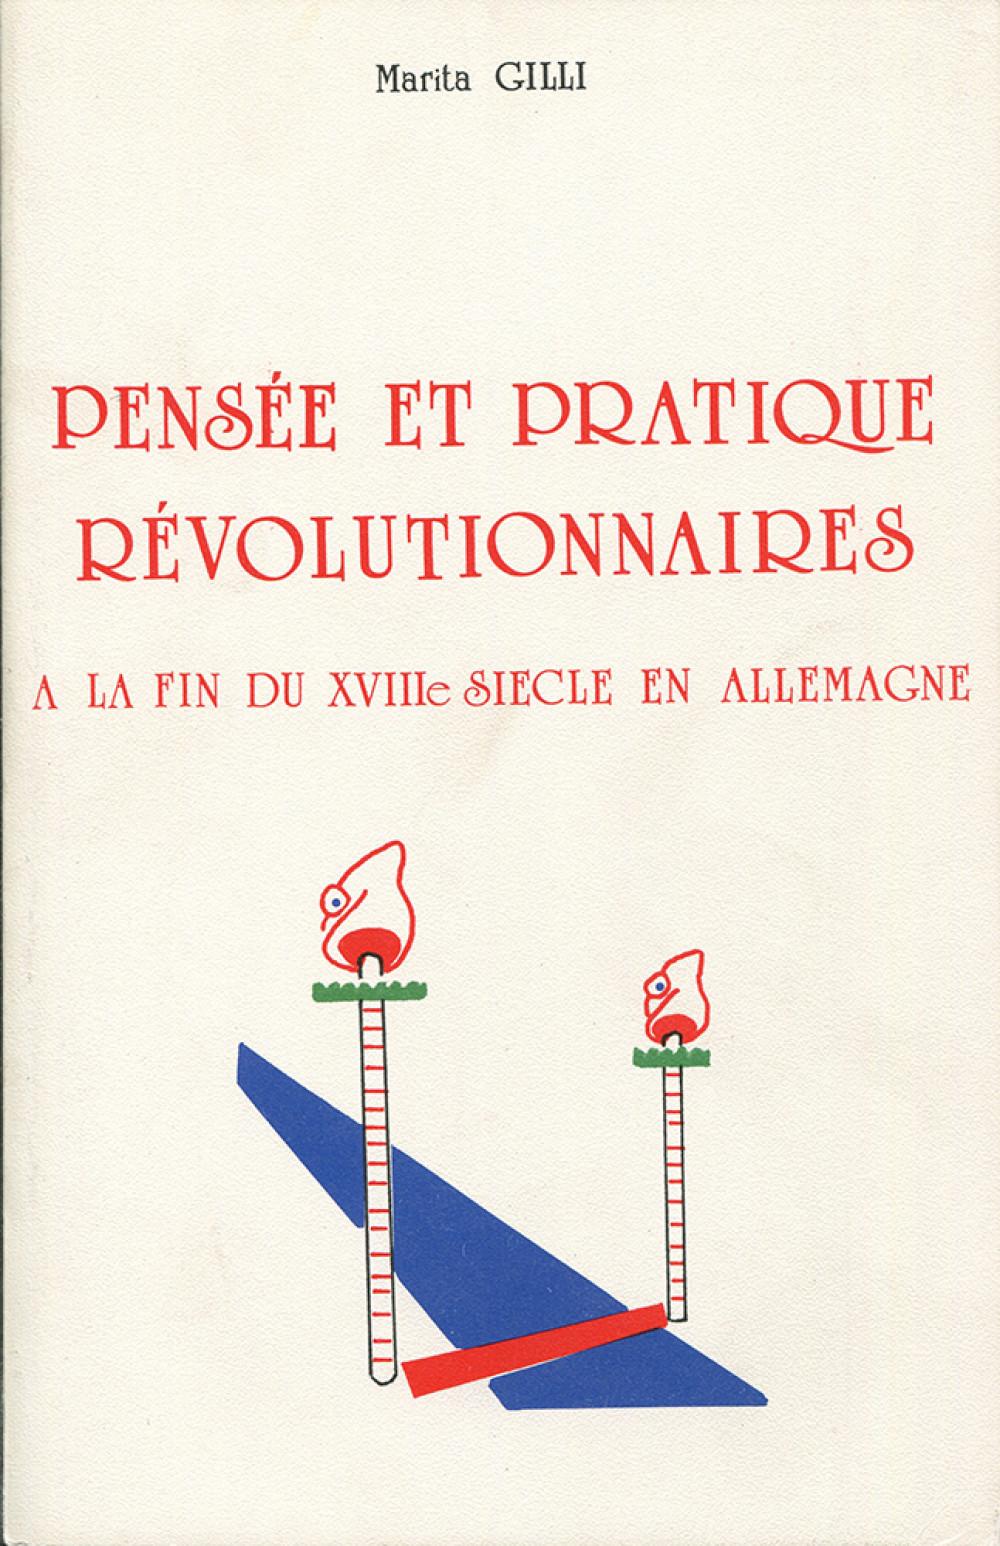 """Pensée et pratique révolutionnaires à la fin du <span style=""""font-variant: small-caps"""">XVIII</span><sup>e</sup> siècle en Allemagne"""